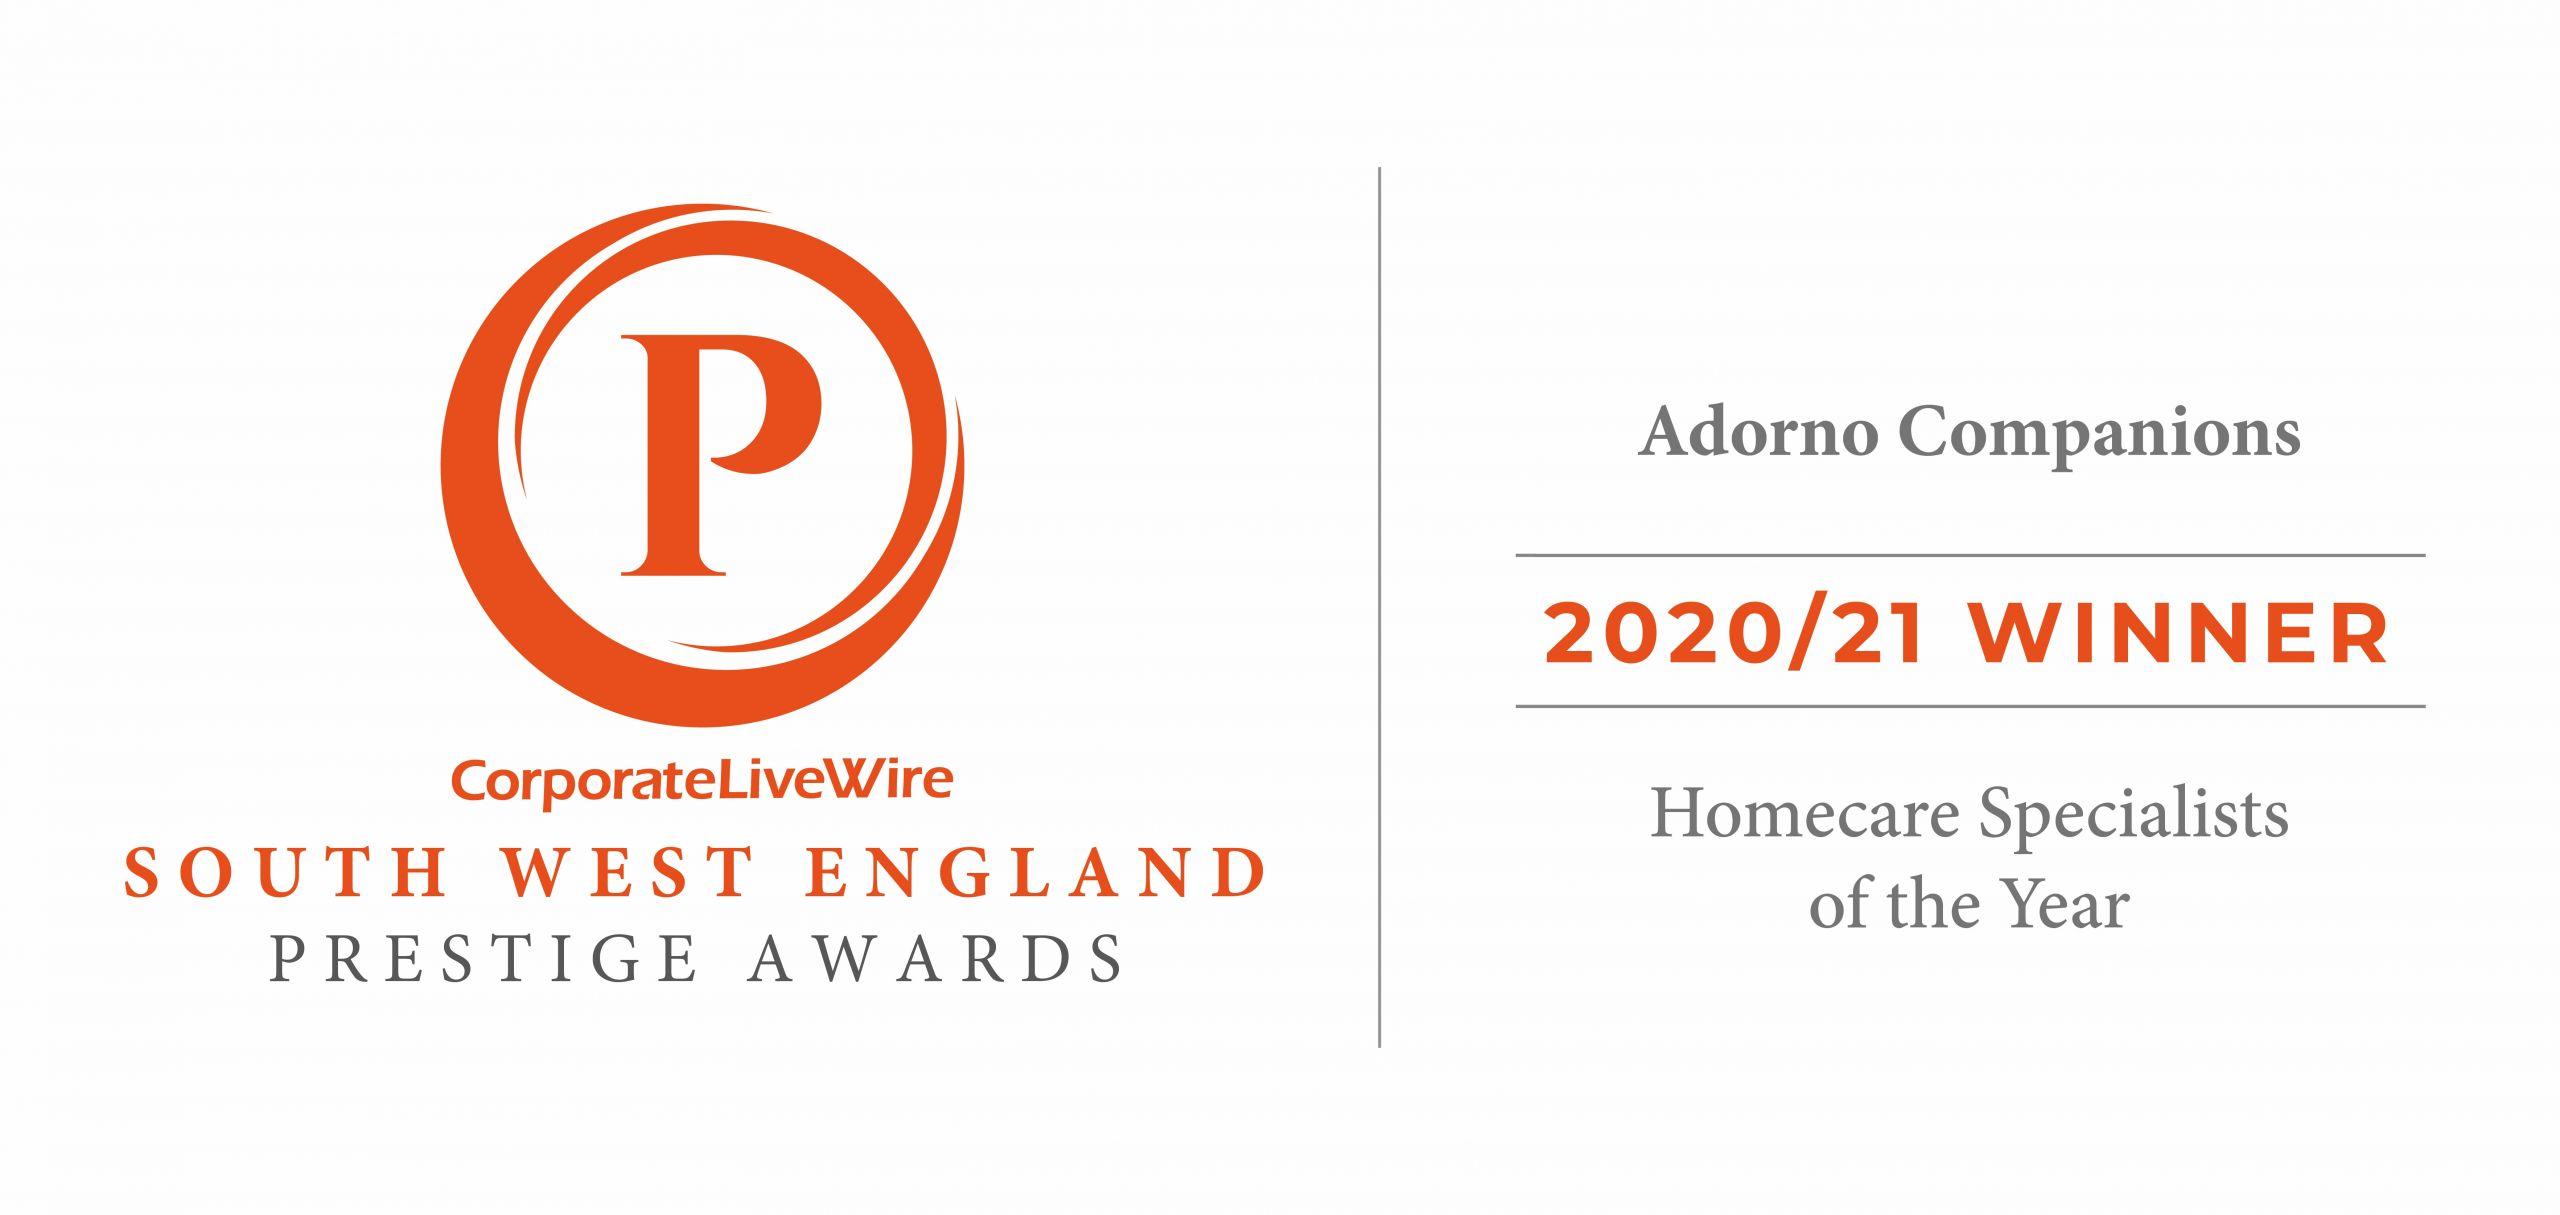 Adorno Companions Award